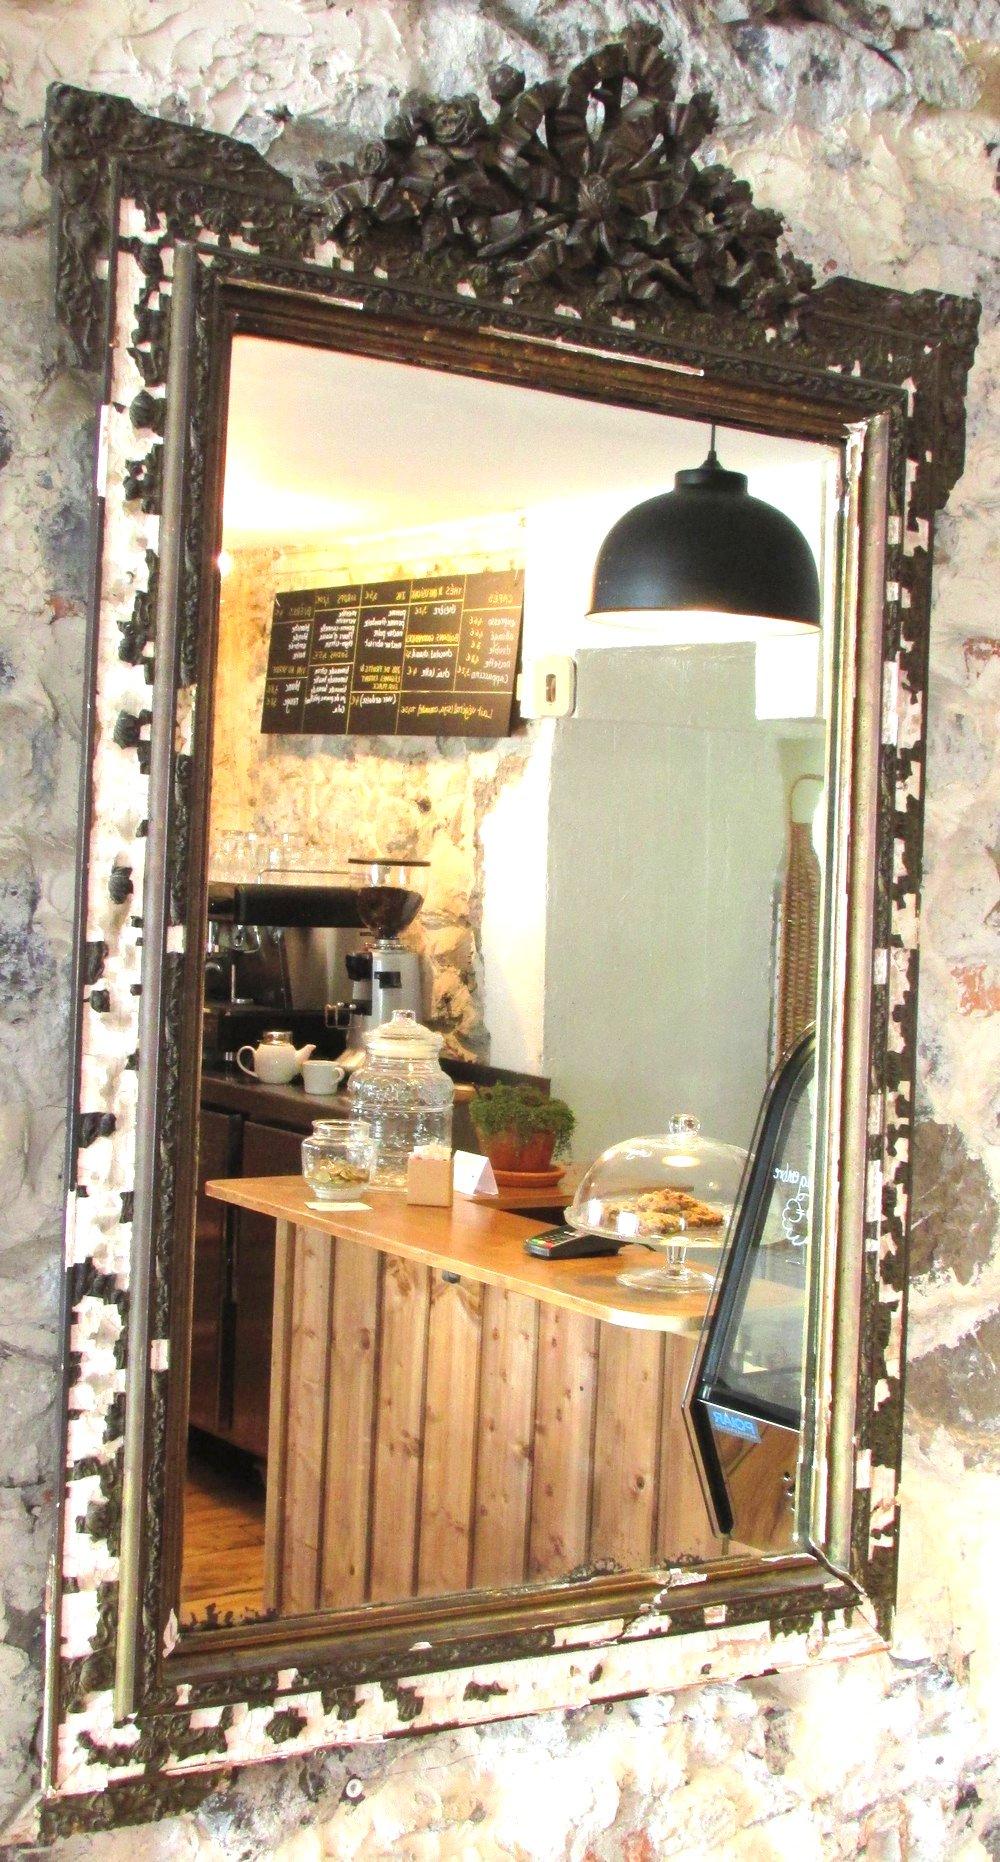 Thé à coudre Gâteau Patisserie Grenoble